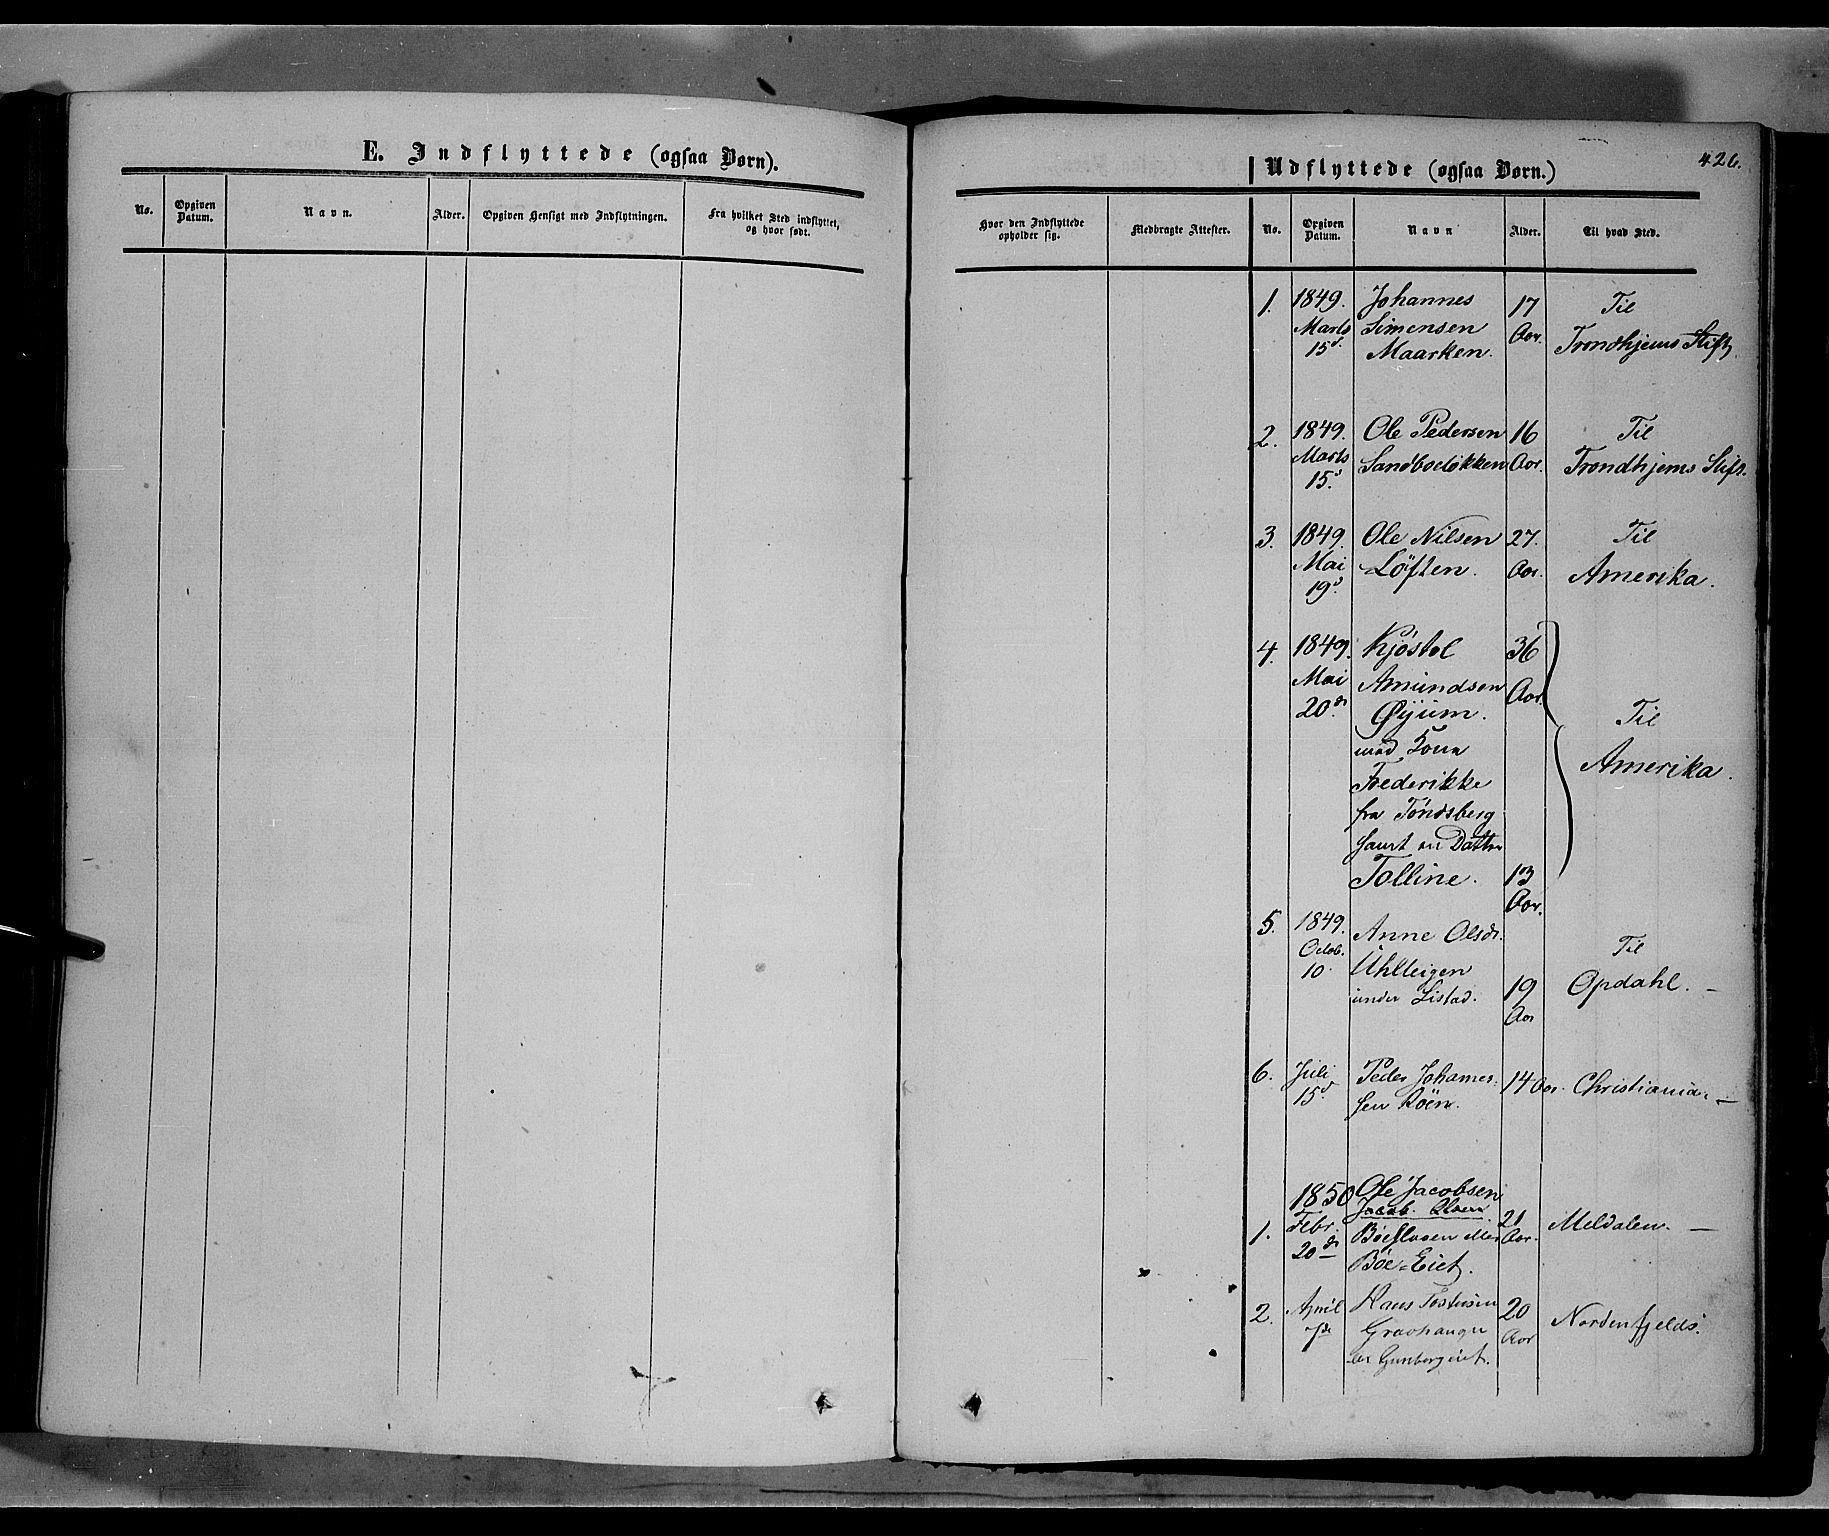 SAH, Sør-Fron prestekontor, H/Ha/Haa/L0001: Ministerialbok nr. 1, 1849-1863, s. 426